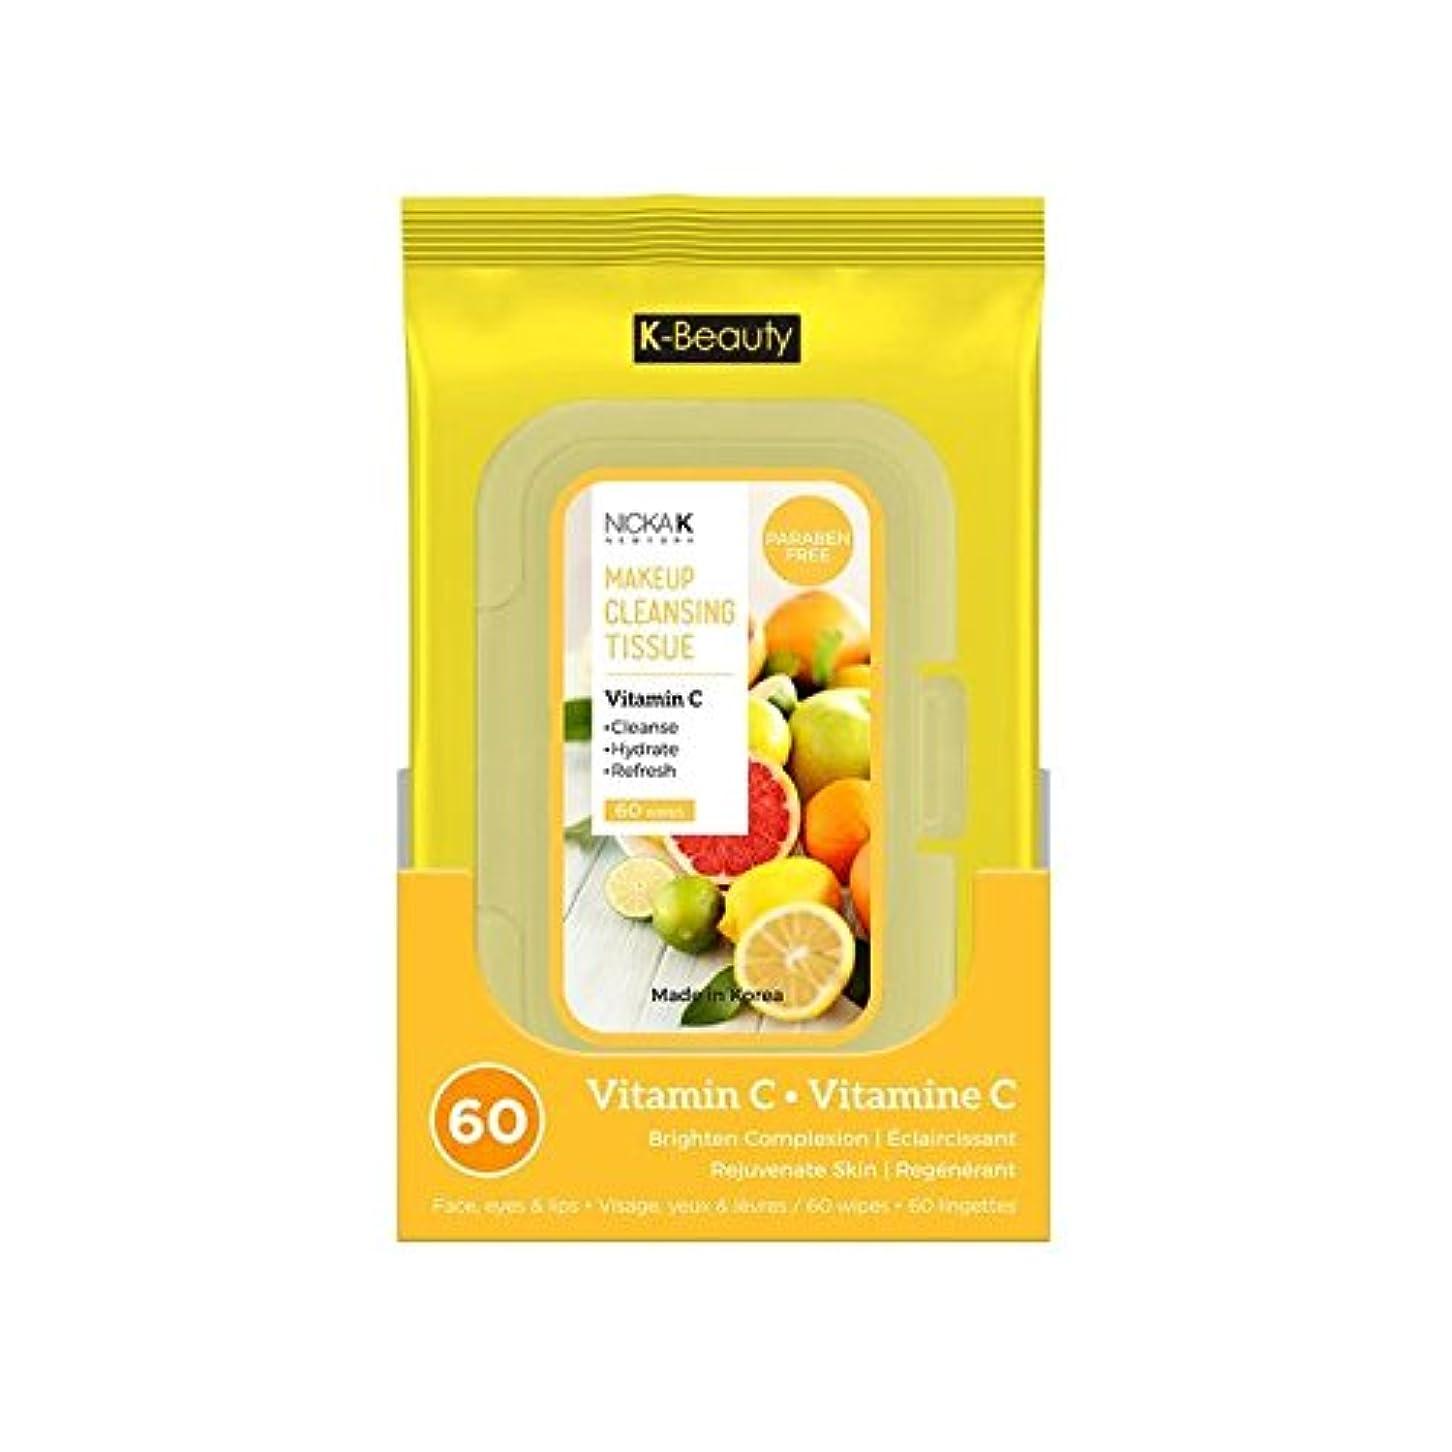 立ち寄る賛美歌集中的な(6 Pack) NICKA K Make Up Cleansing Tissue - Vitamin C (並行輸入品)